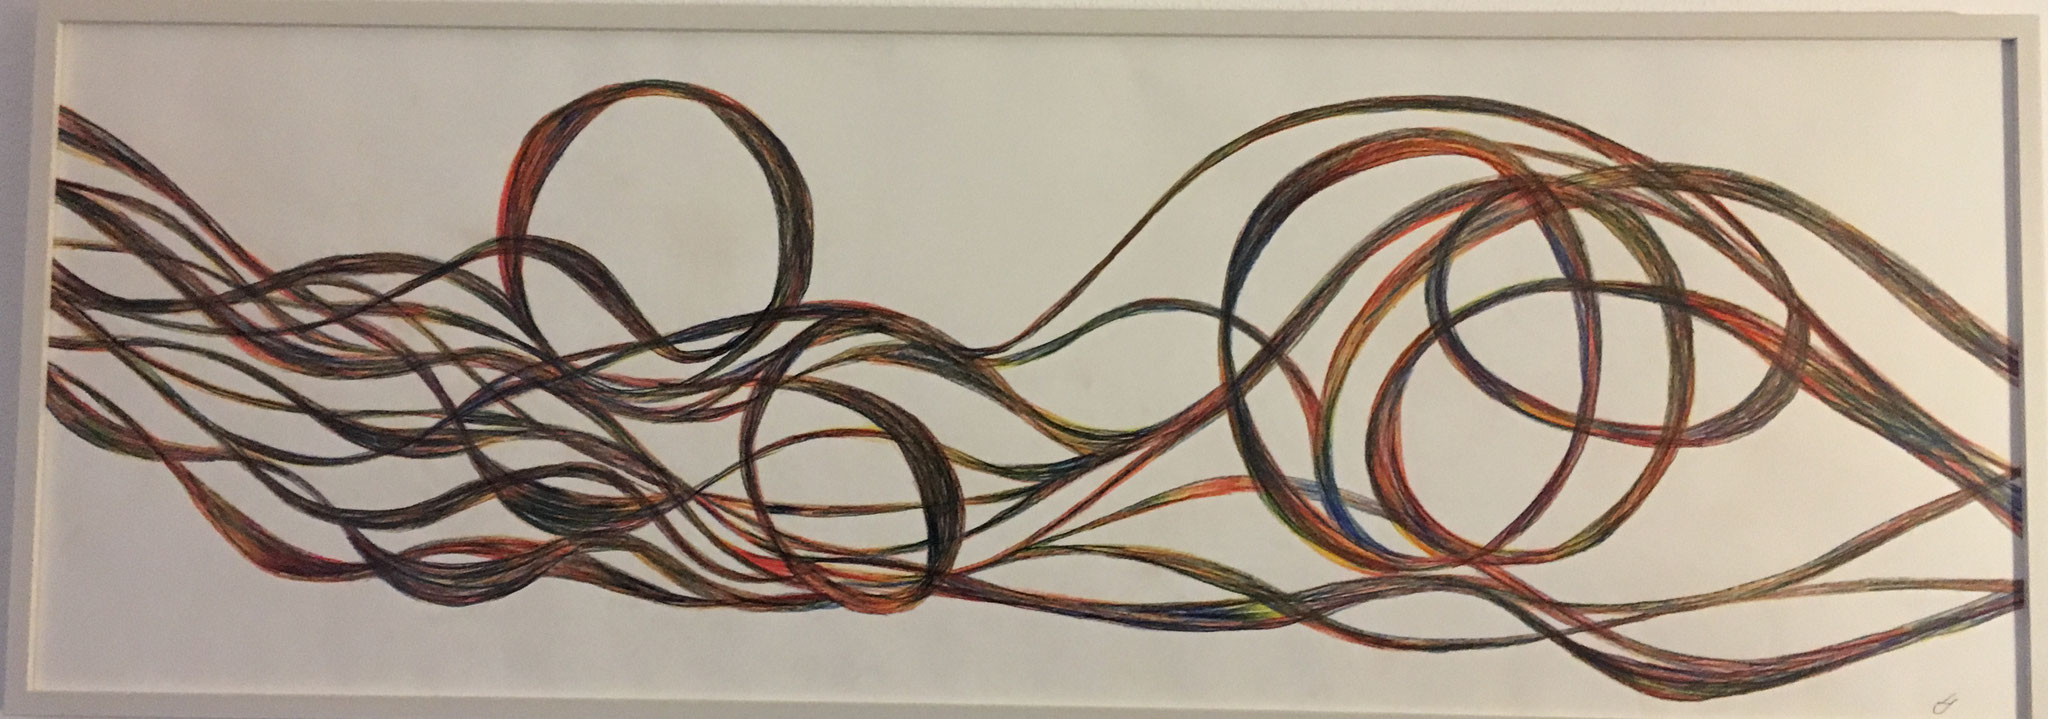 Farbstift, 35 X100cm,  2019